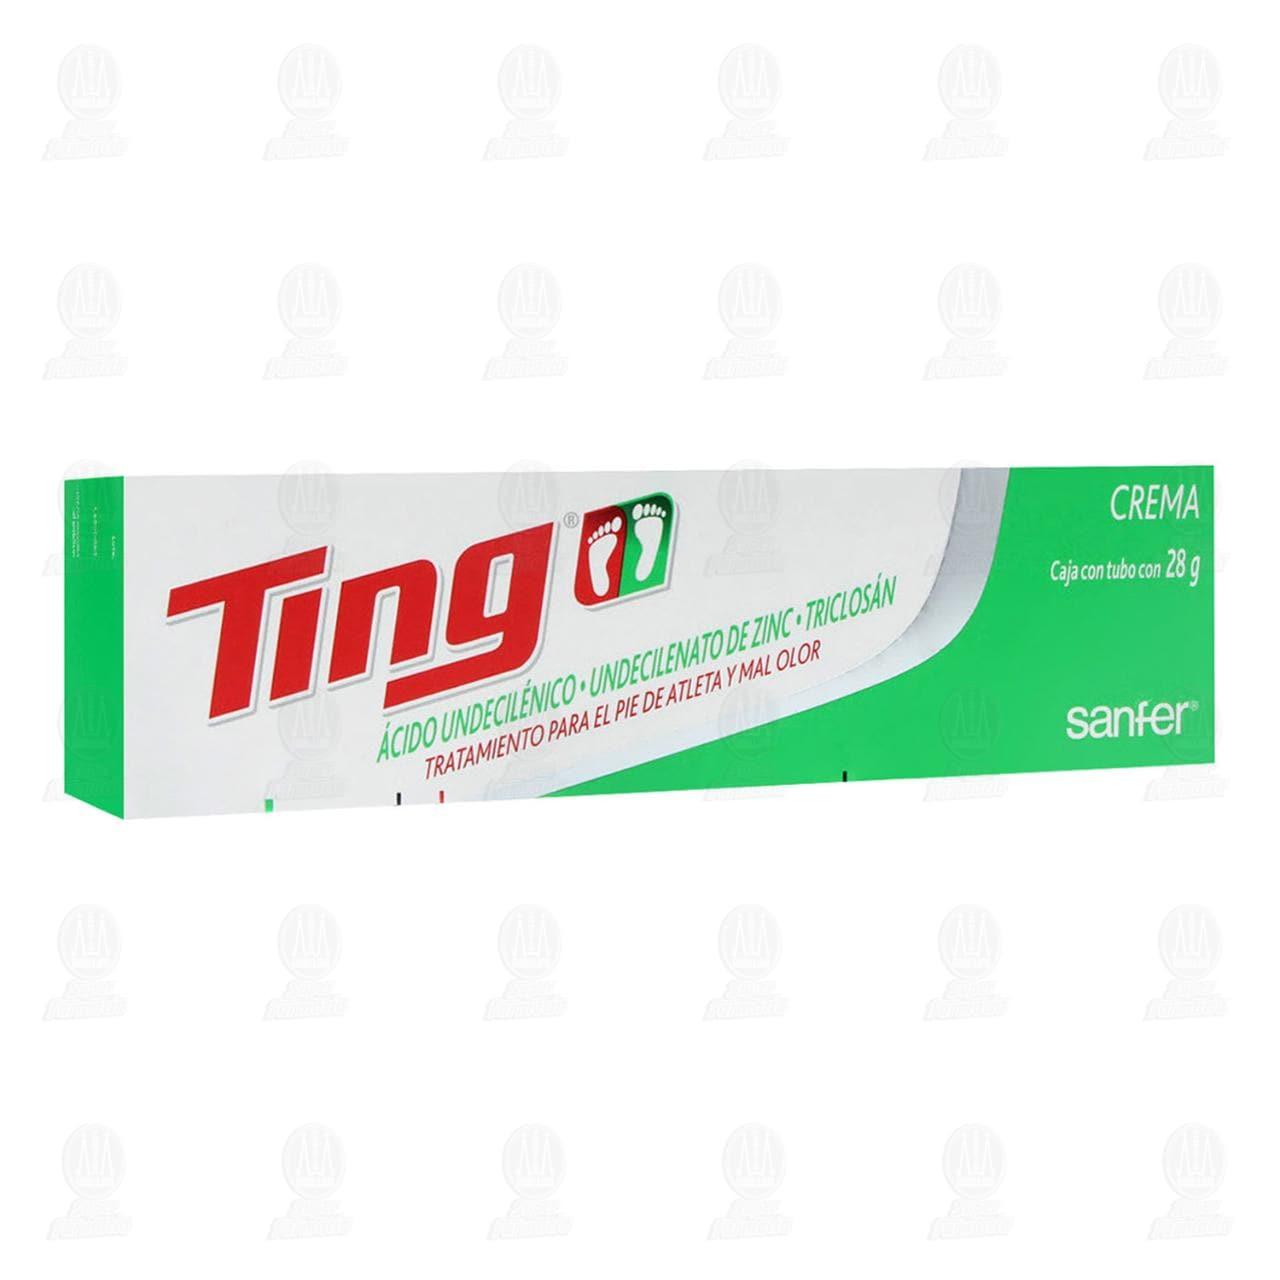 Comprar Ting 28gr Crema en Farmacias Guadalajara